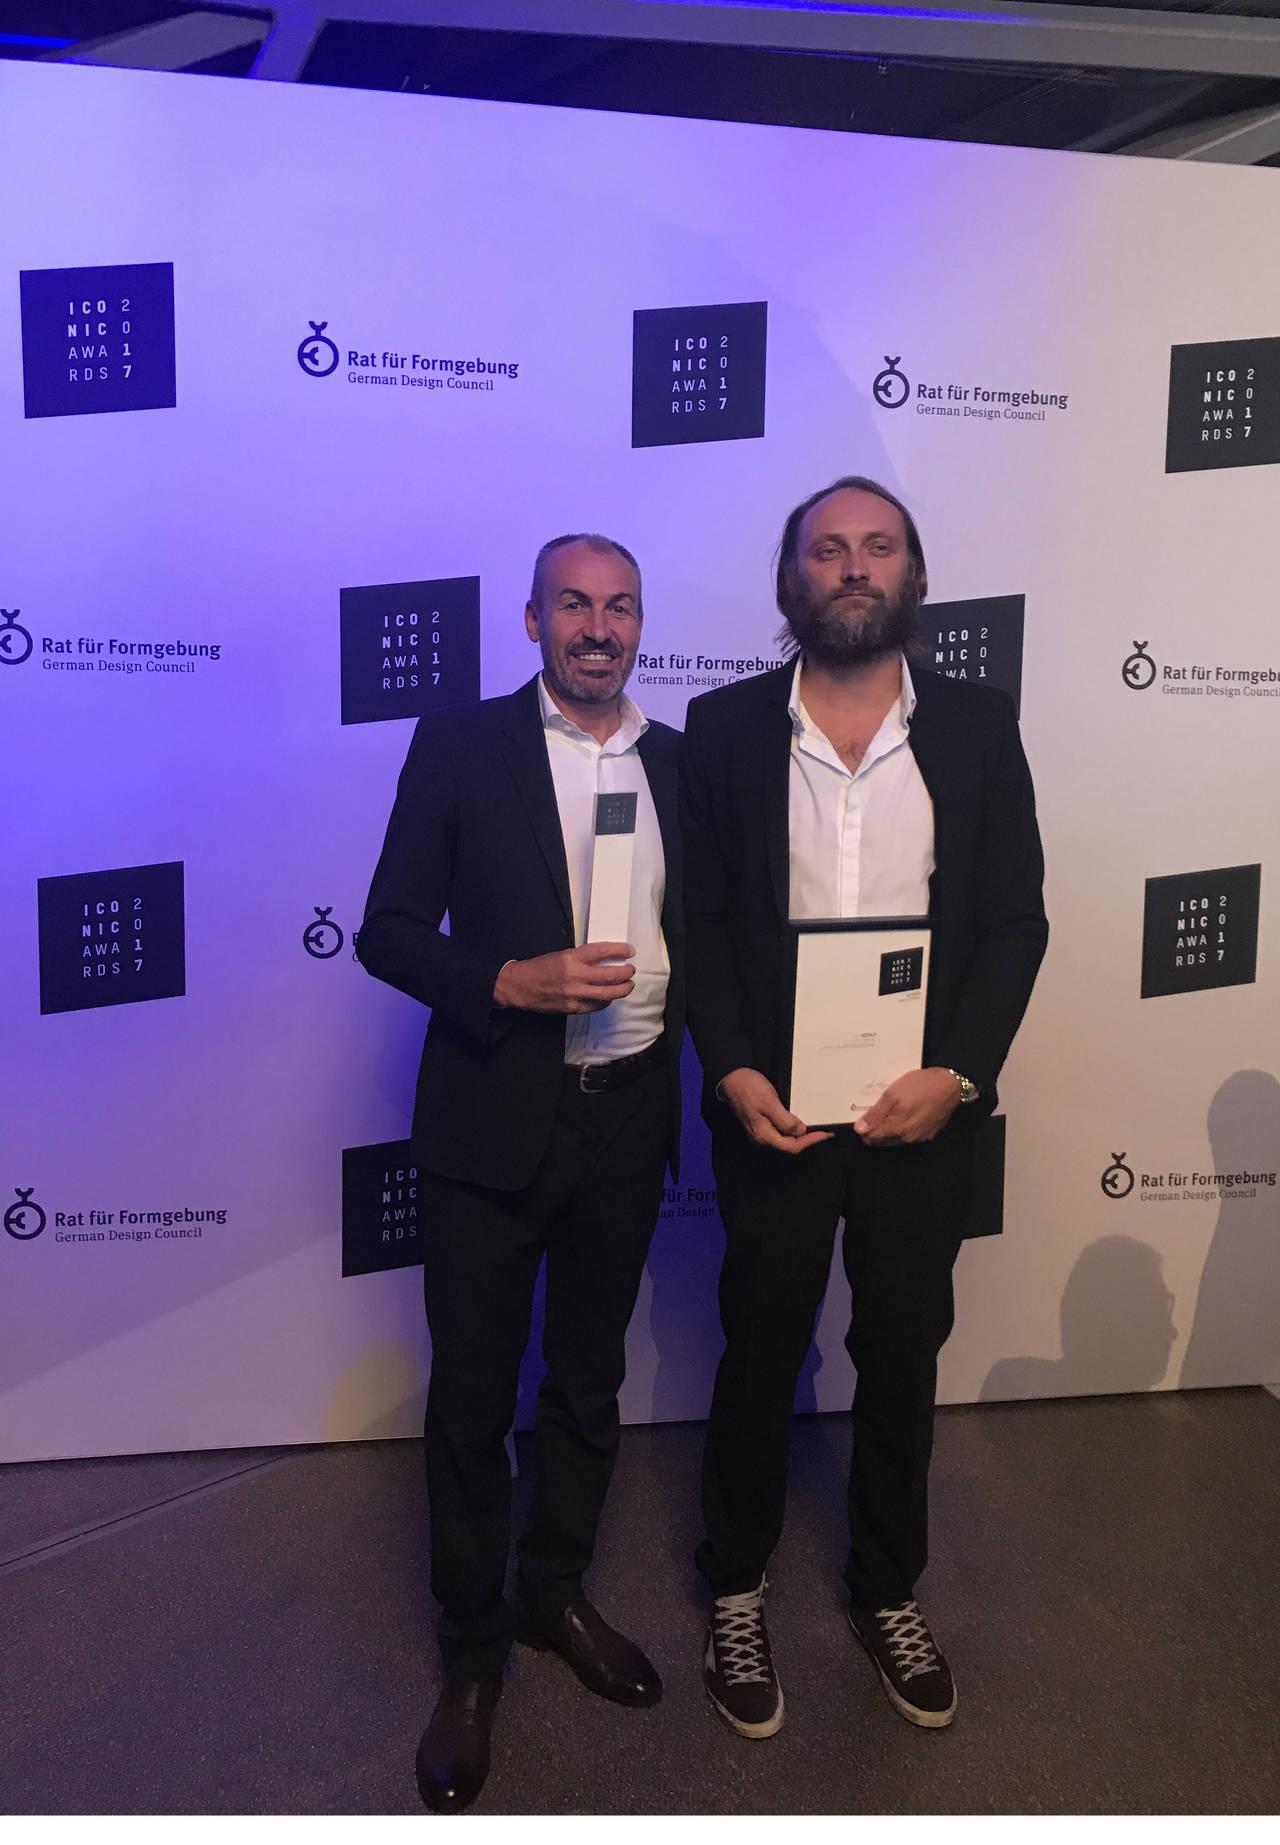 Natalino Malasorti - socio fondatore e Direttore creativo di Ceadesign accompagnato da Edoardo Gherardi, designer della collezione premiata